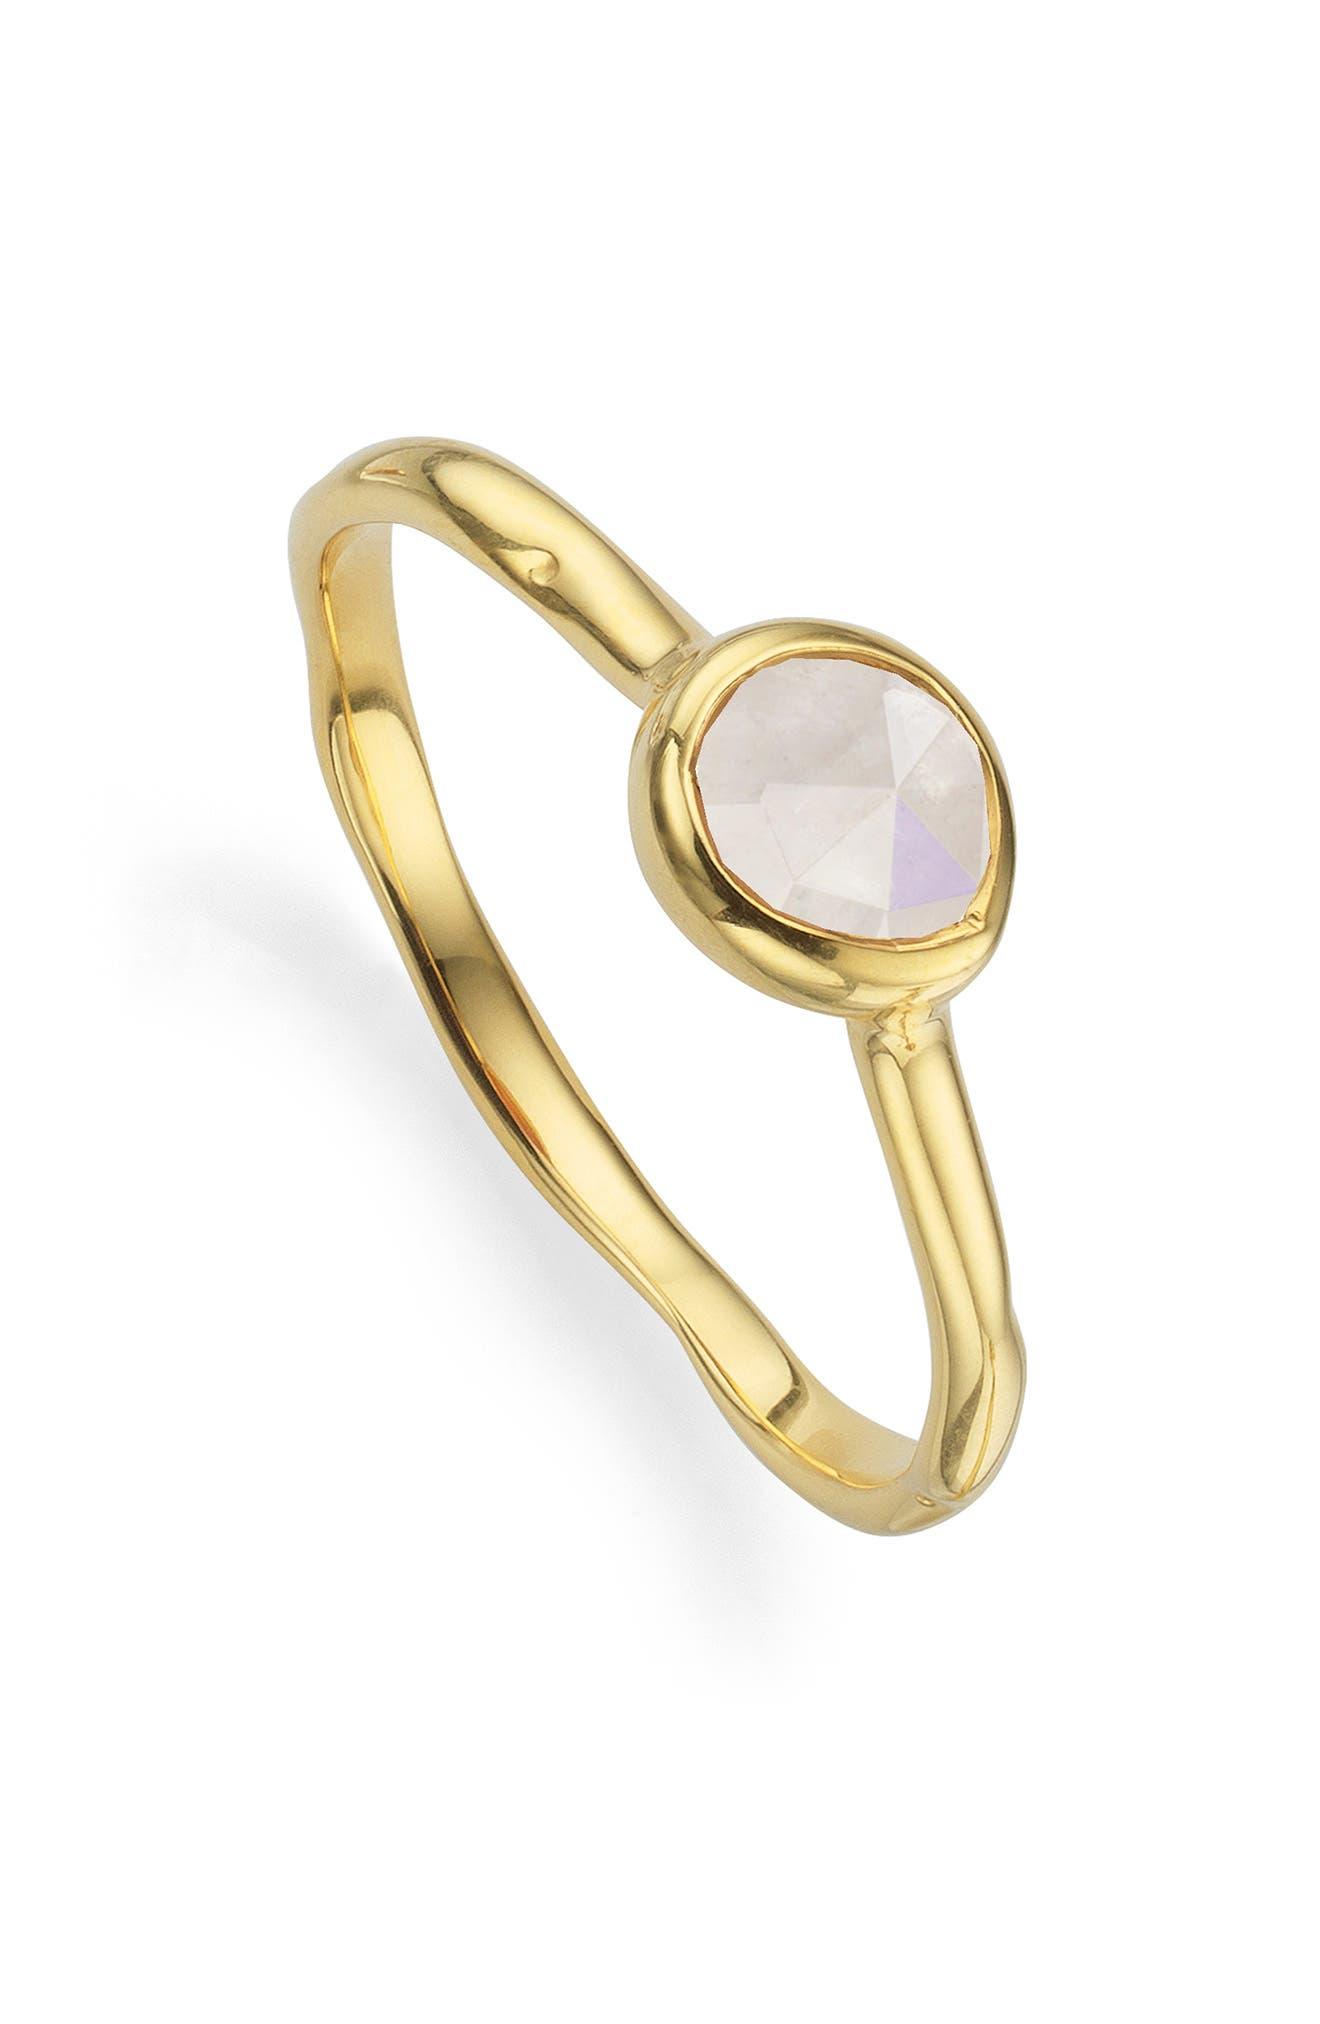 MONICA VINADER, Siren Small Semiprecious Stone Stacking Ring, Main thumbnail 1, color, GOLD/ MOONSTONE